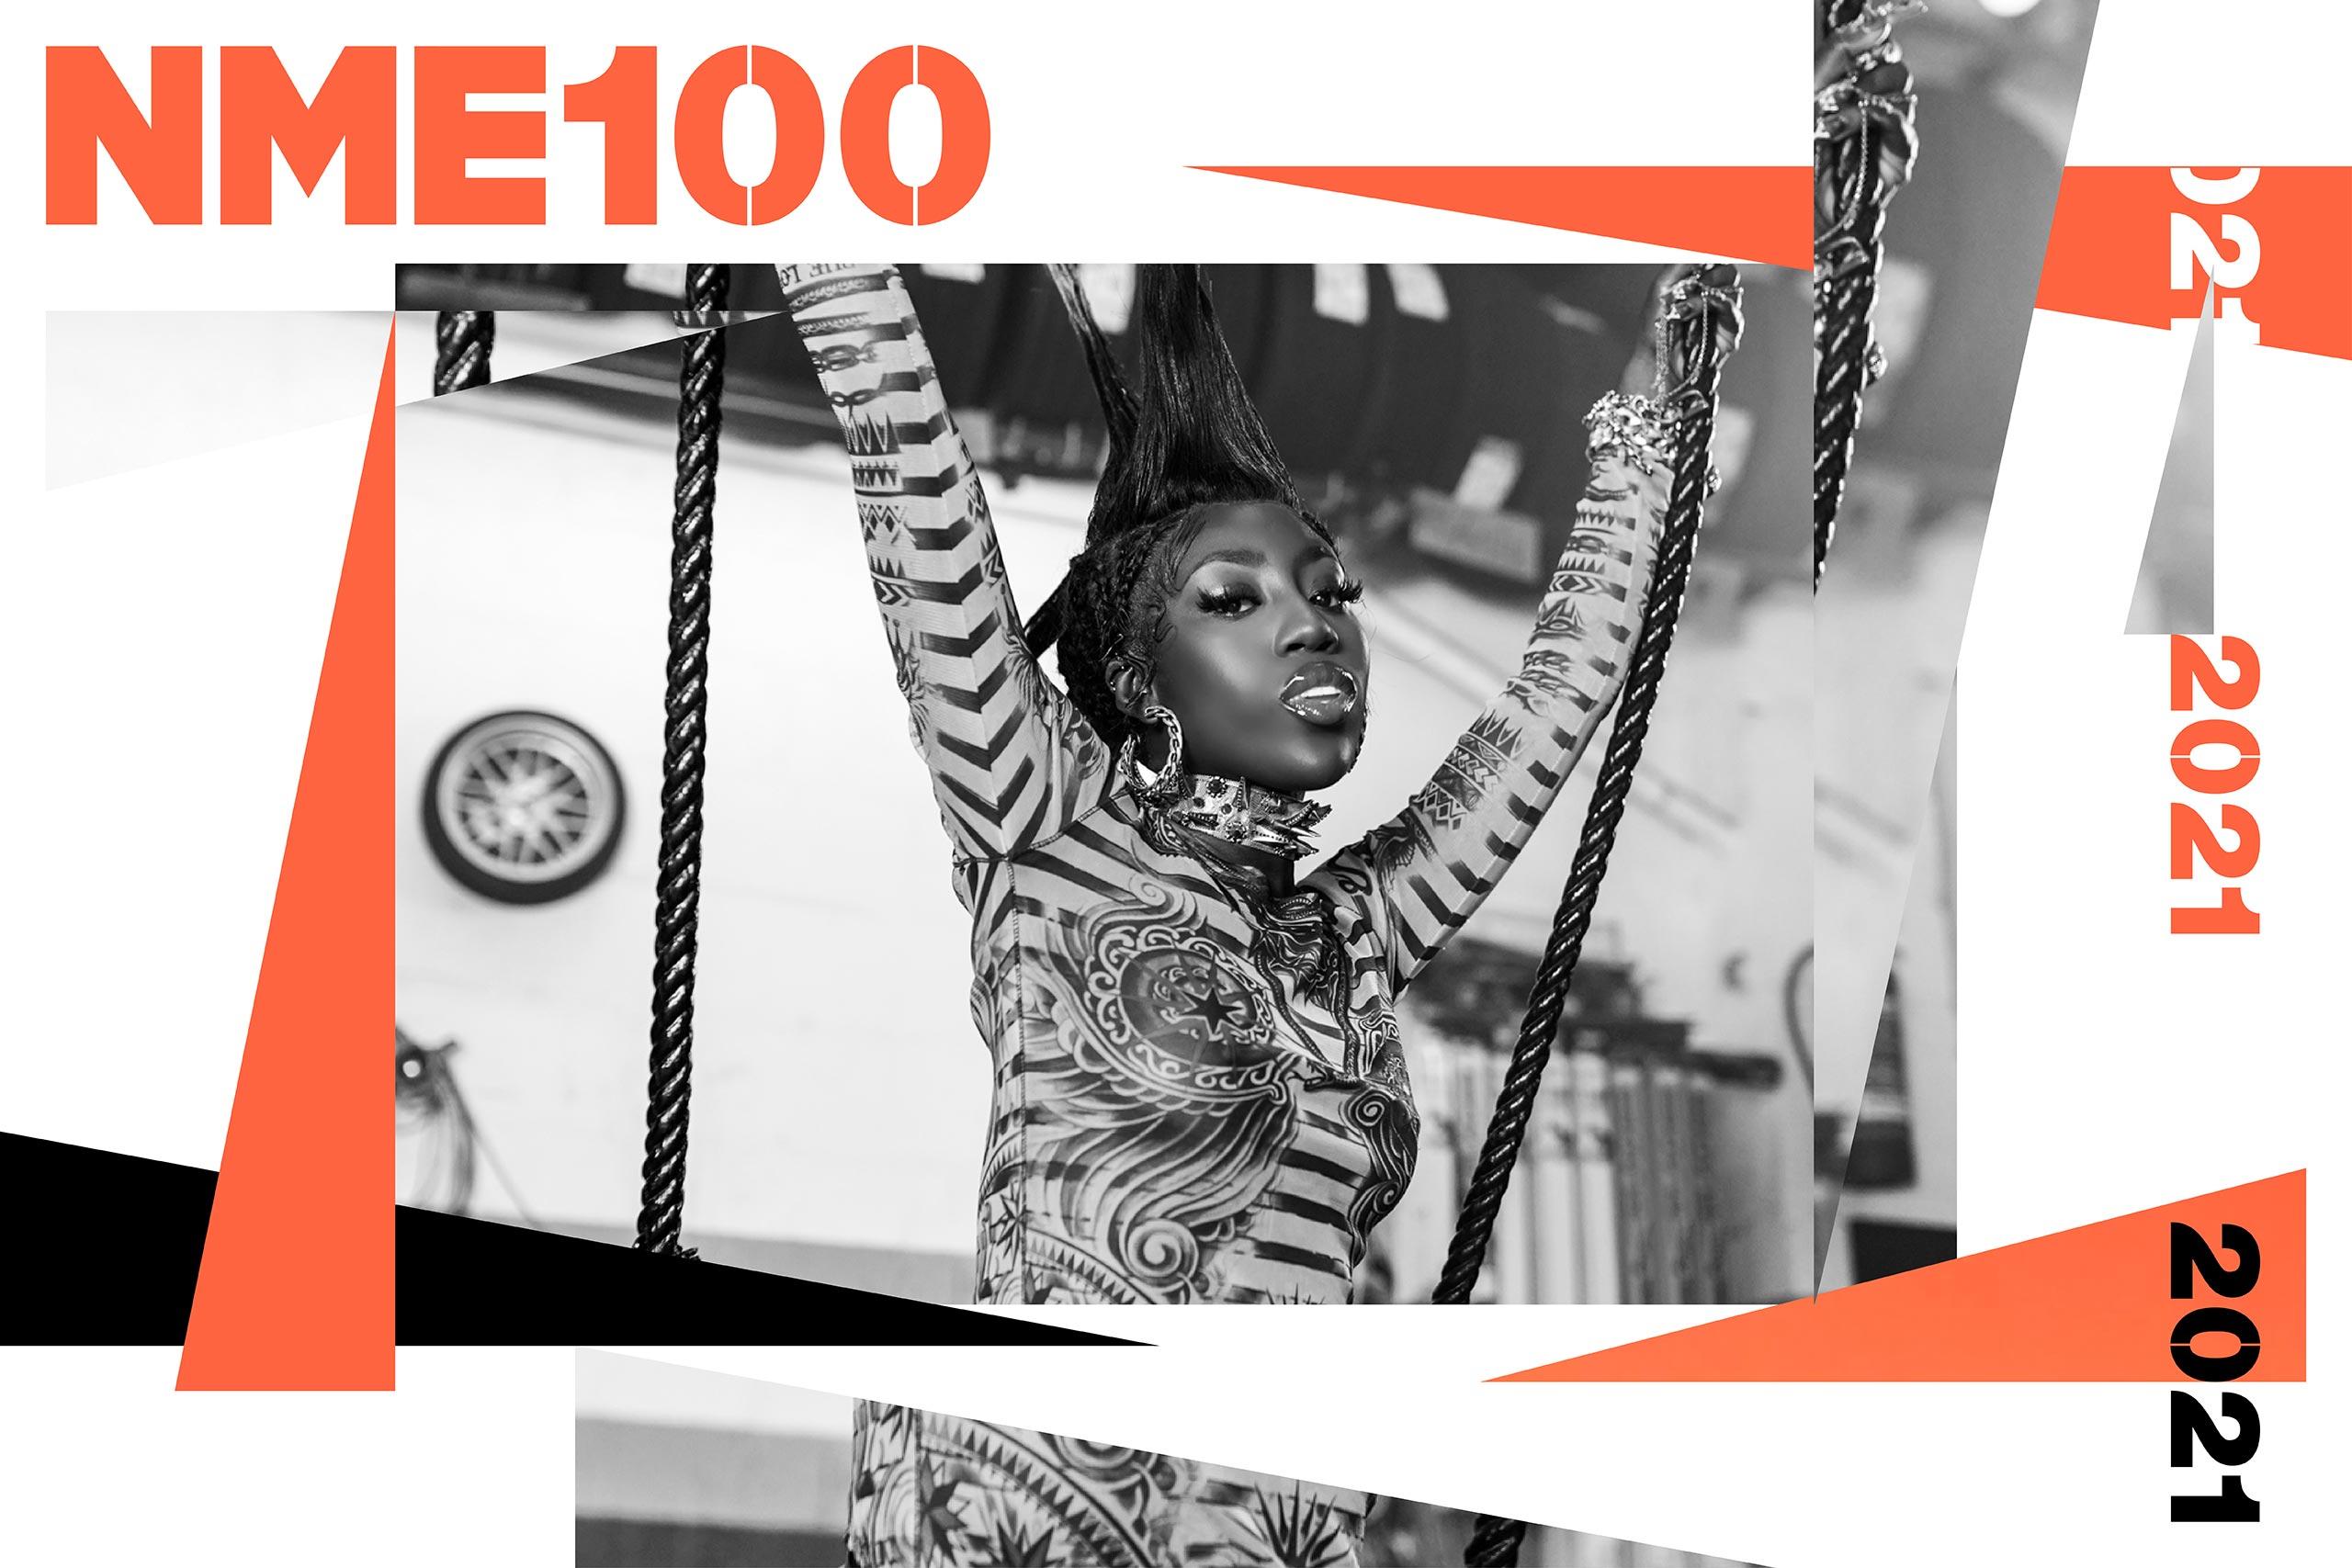 NME 100 bree runaway